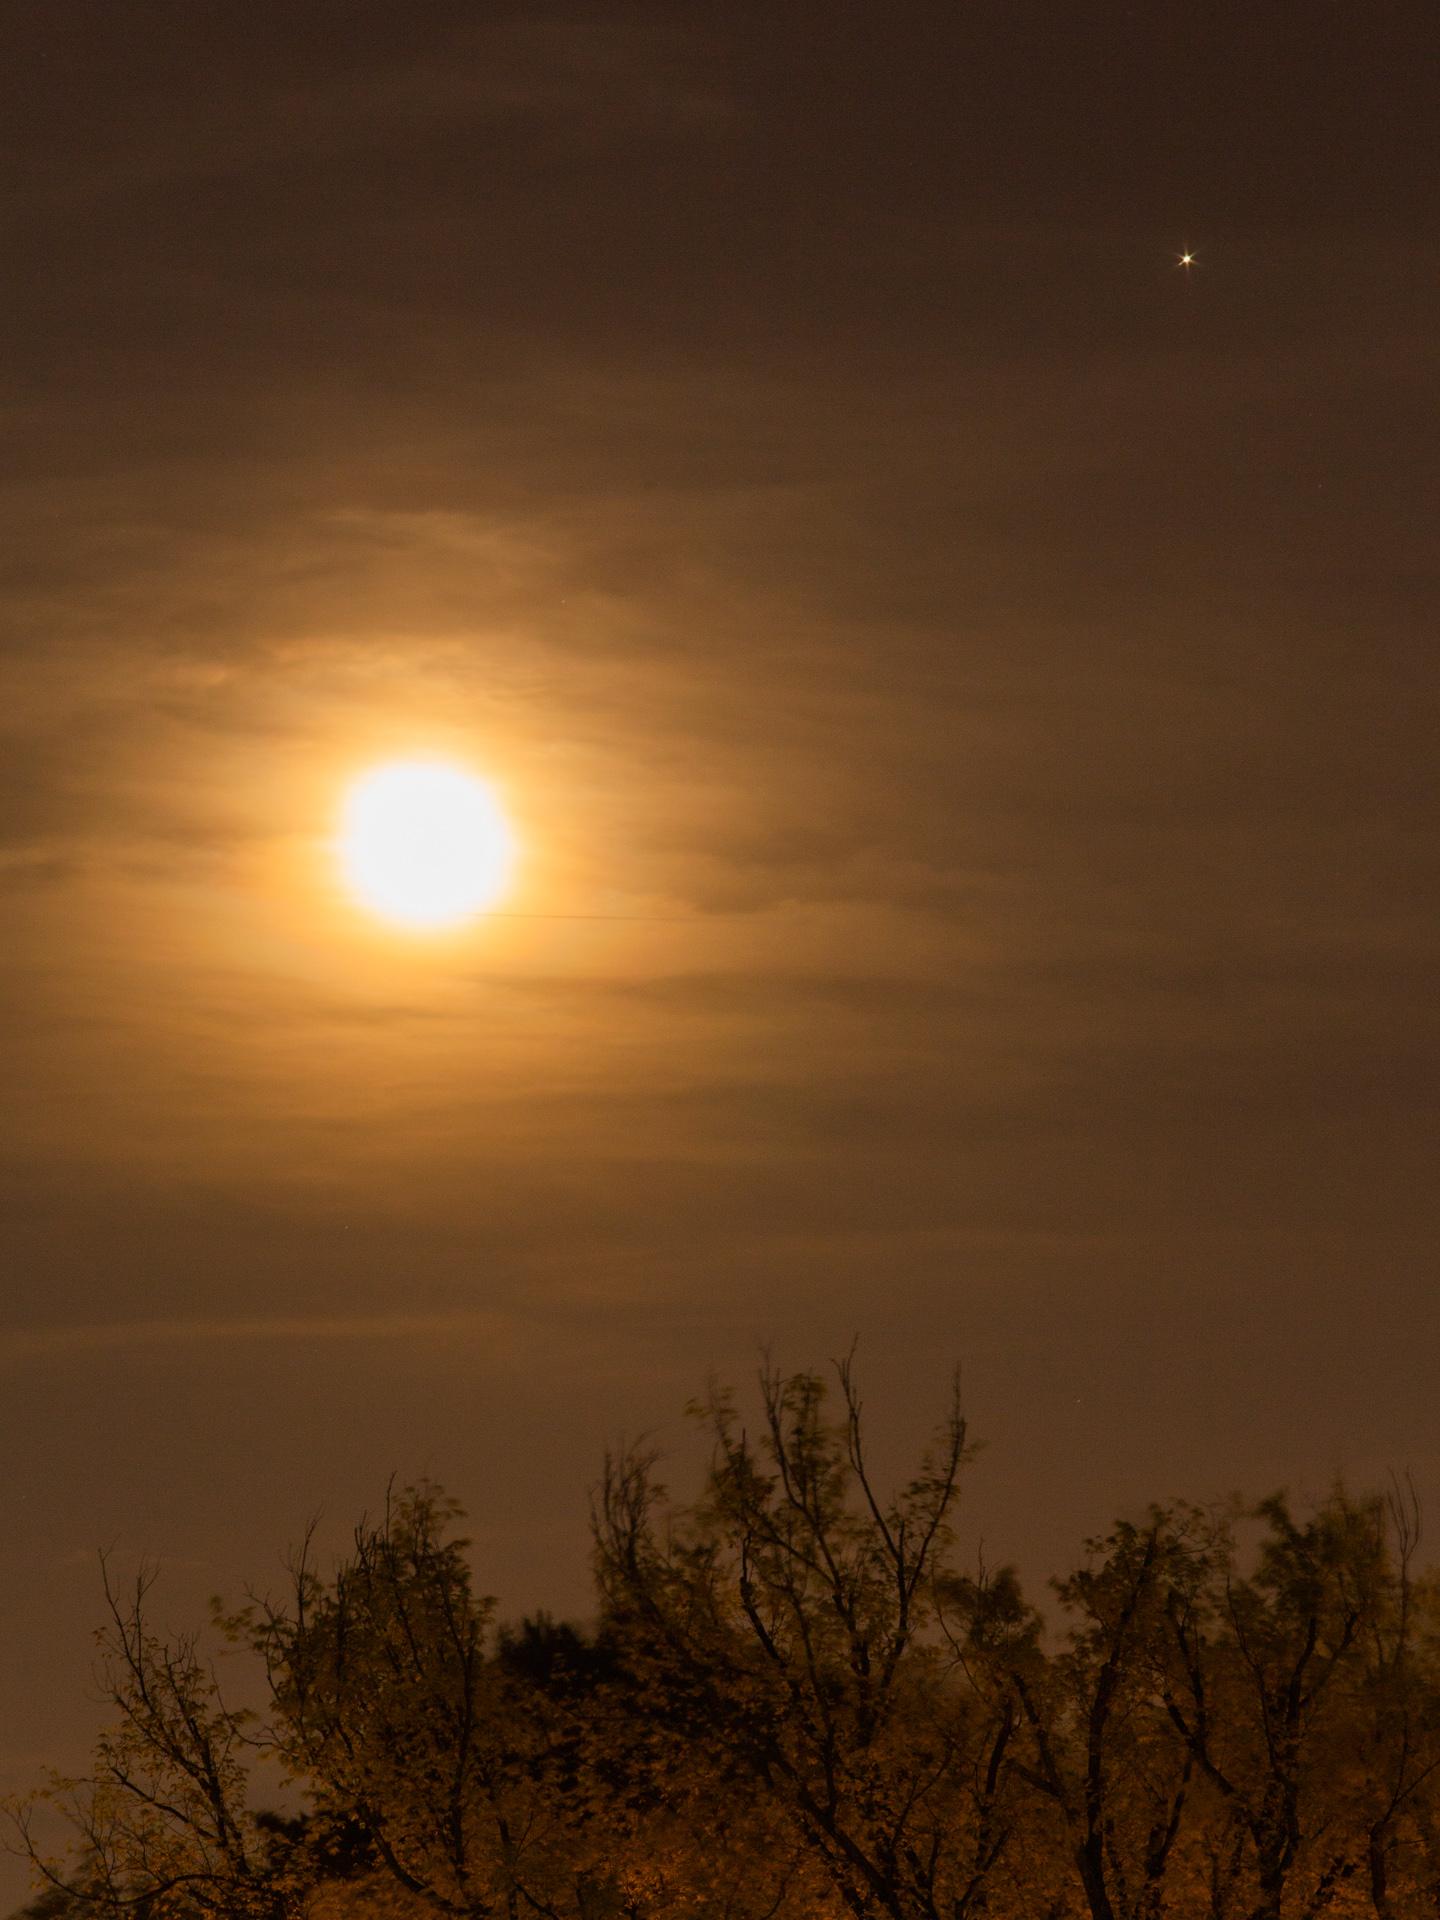 Waning Gibbous Moon and Jupiter 20190520 2311 E:38.96x77.00@84m